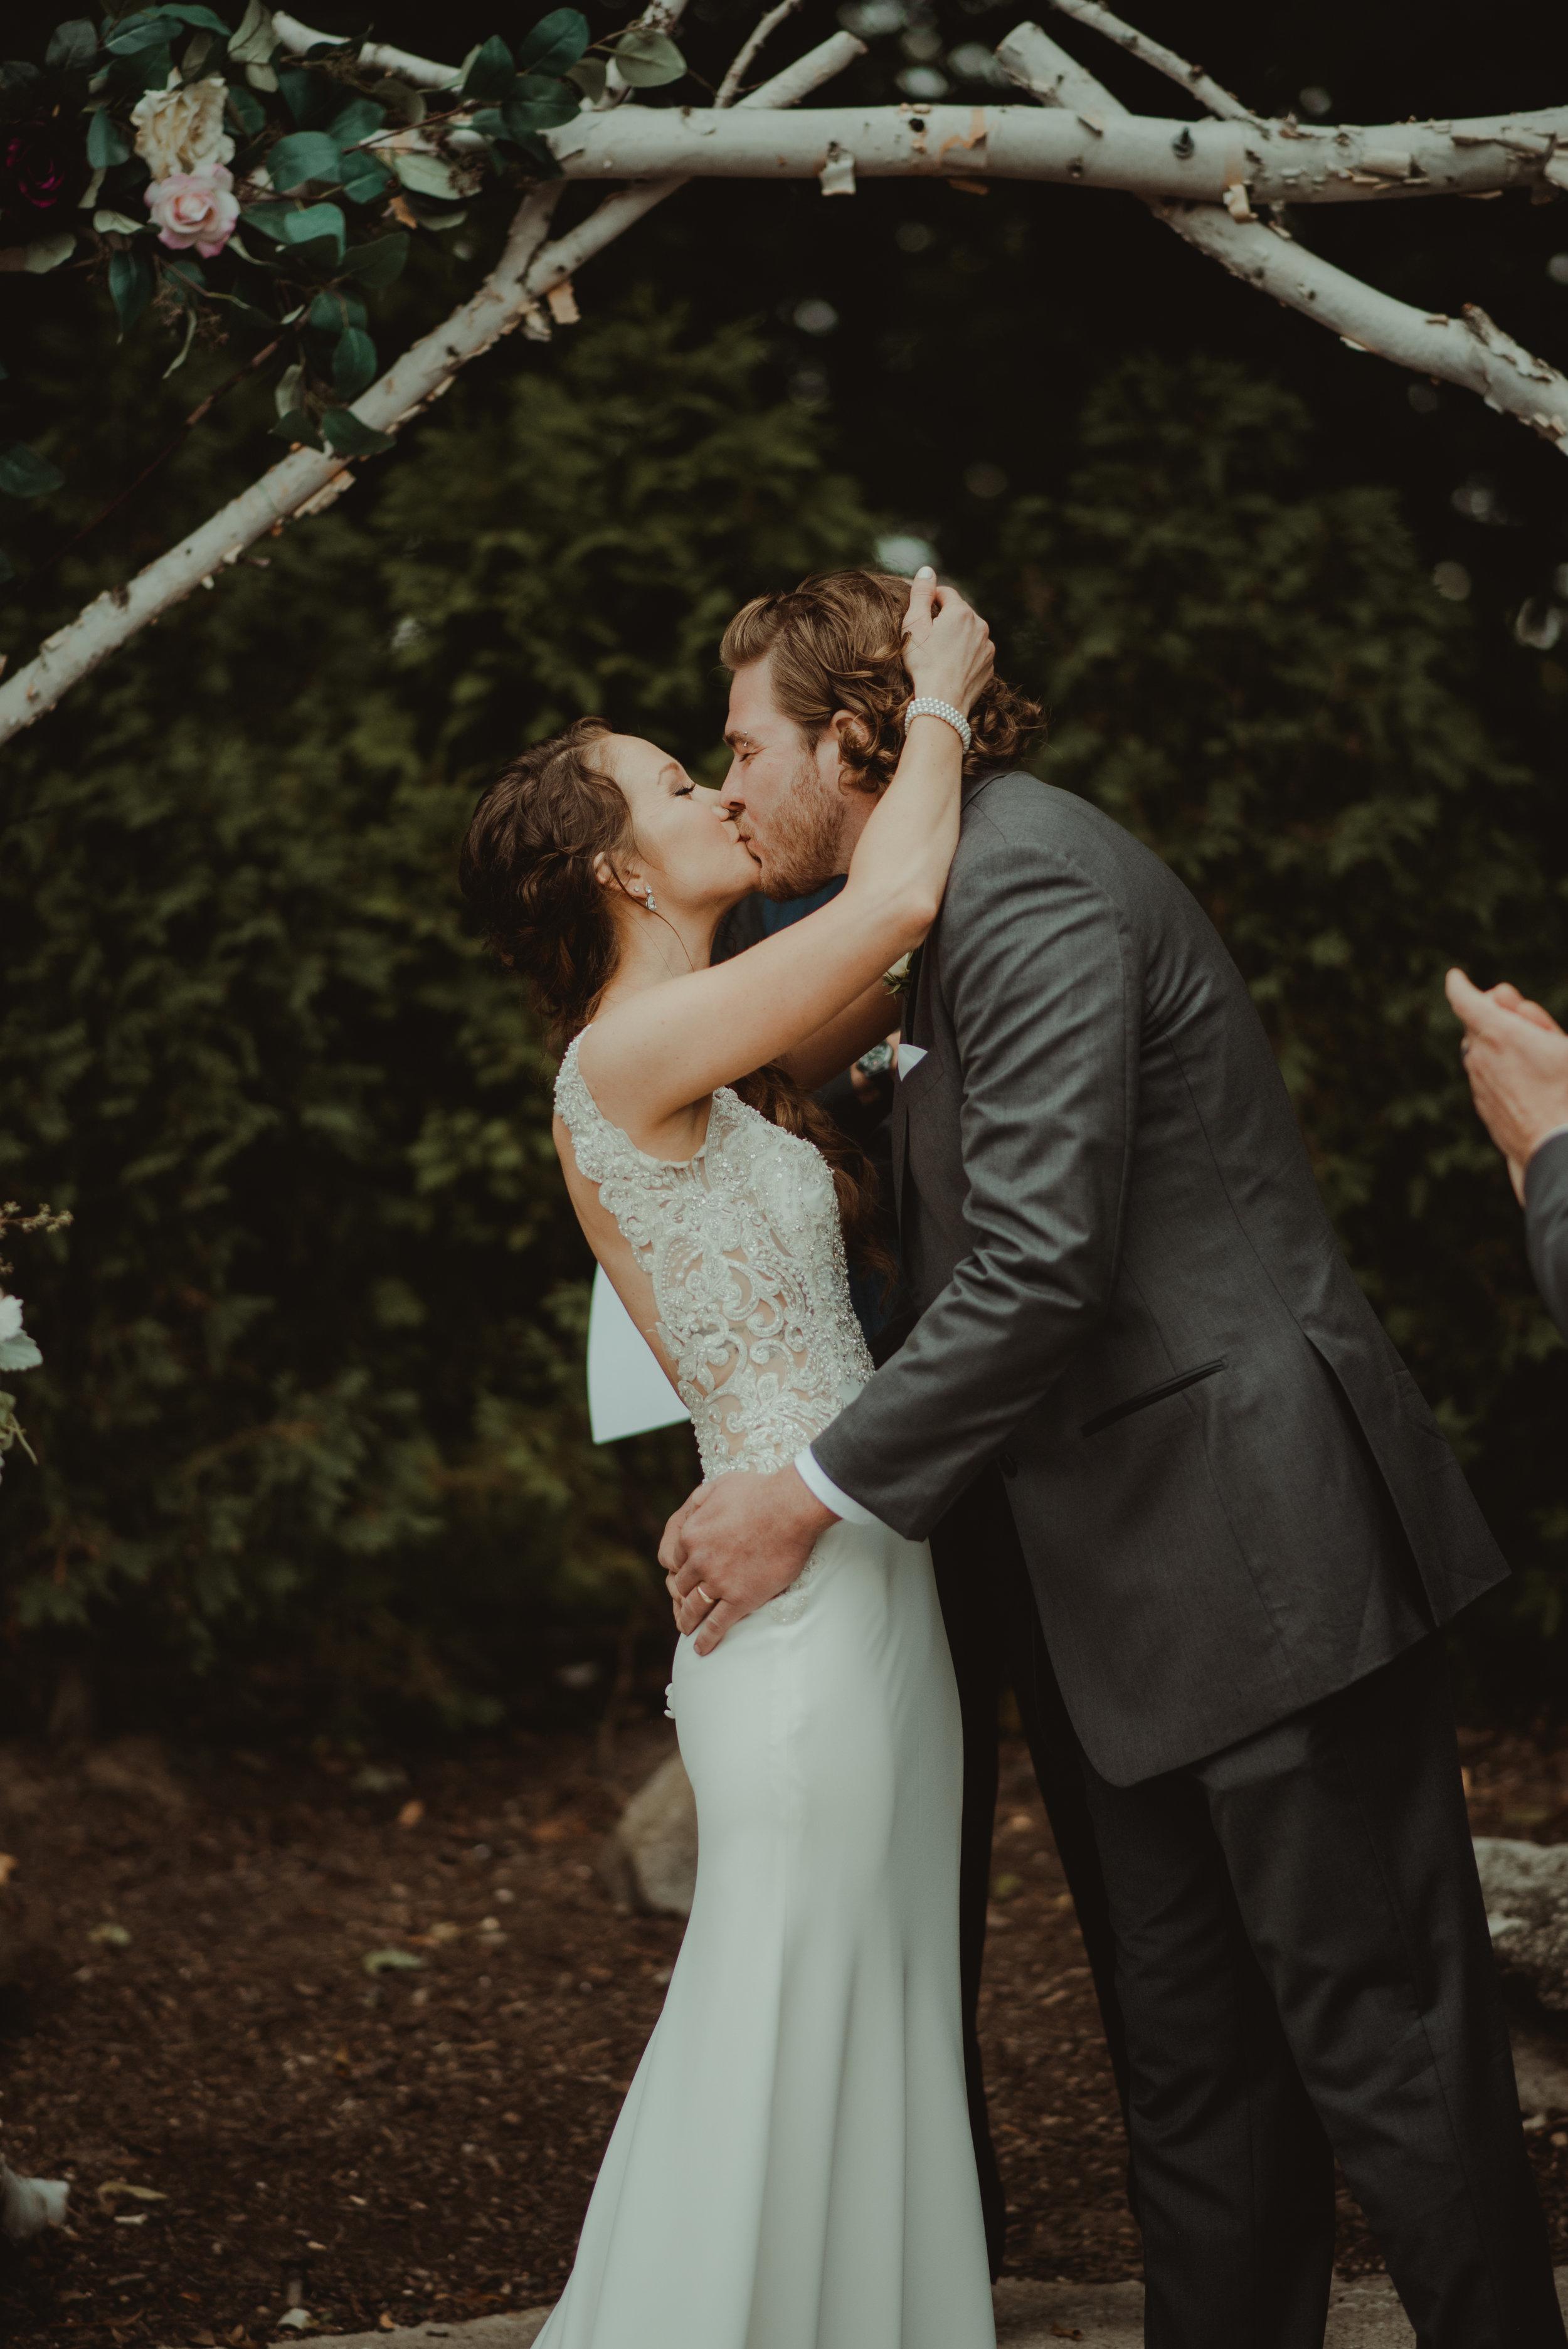 jp_wedding-442.jpg